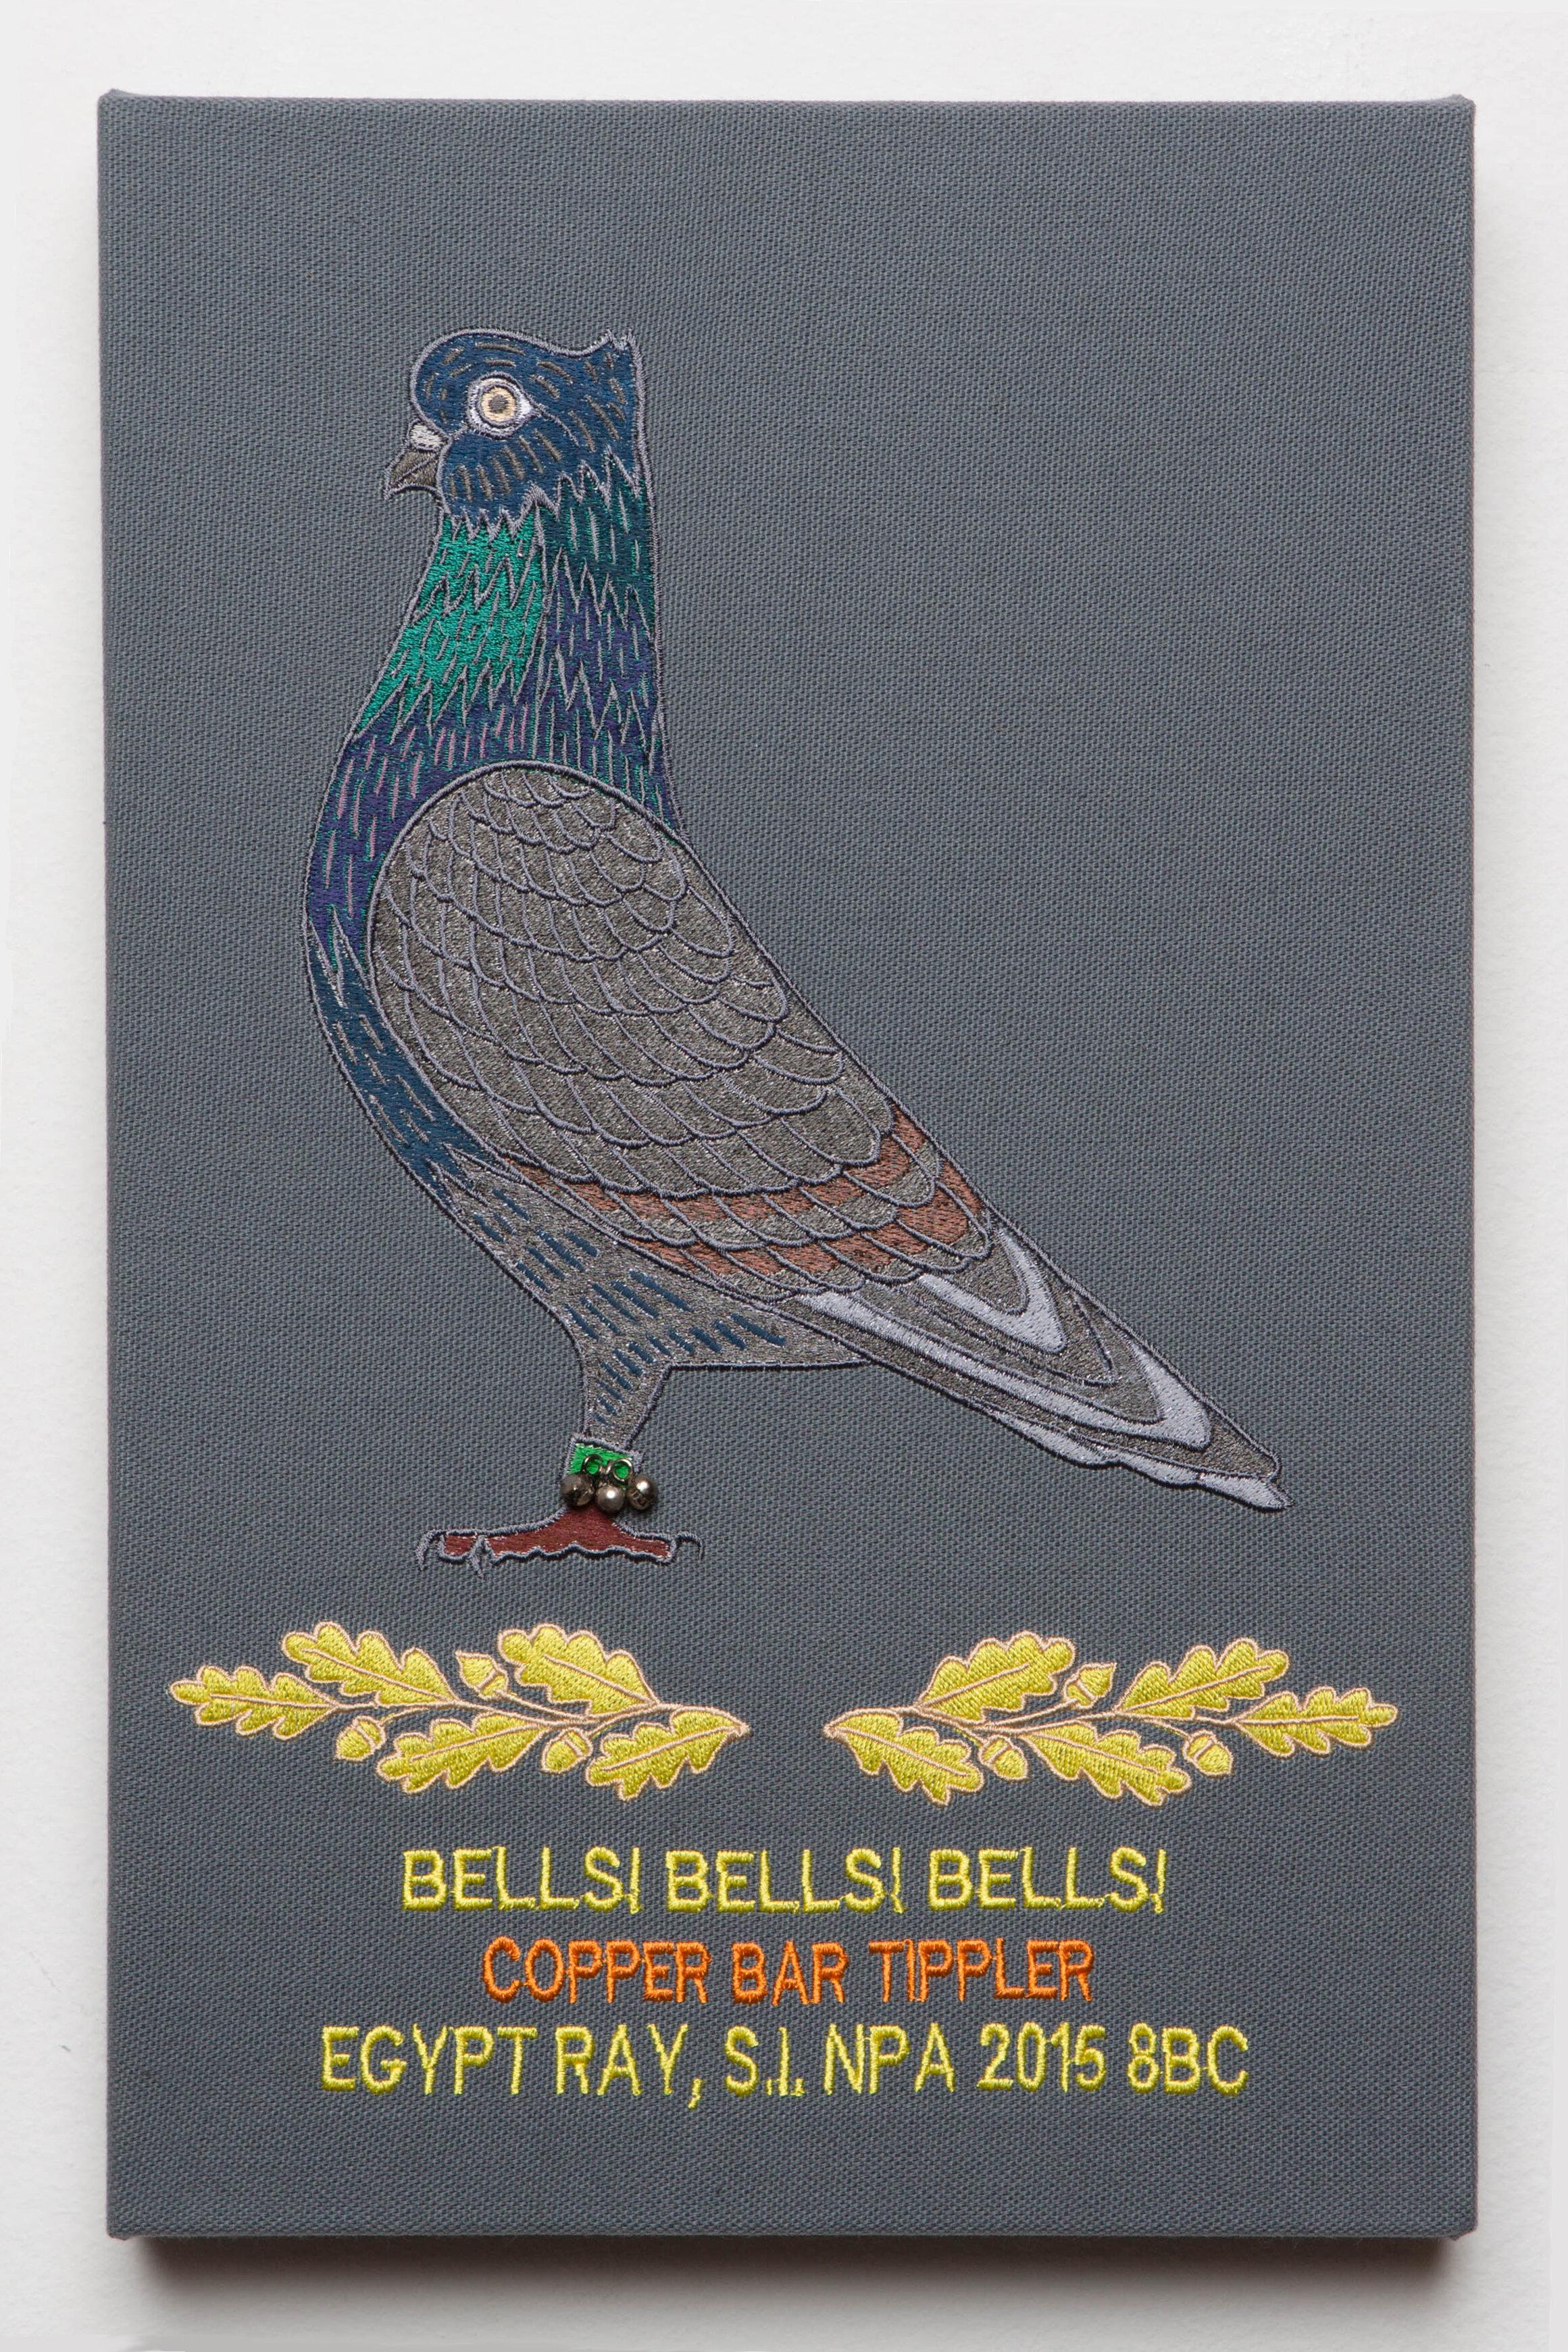 BELLS!BELLS!BELLS!.jpg